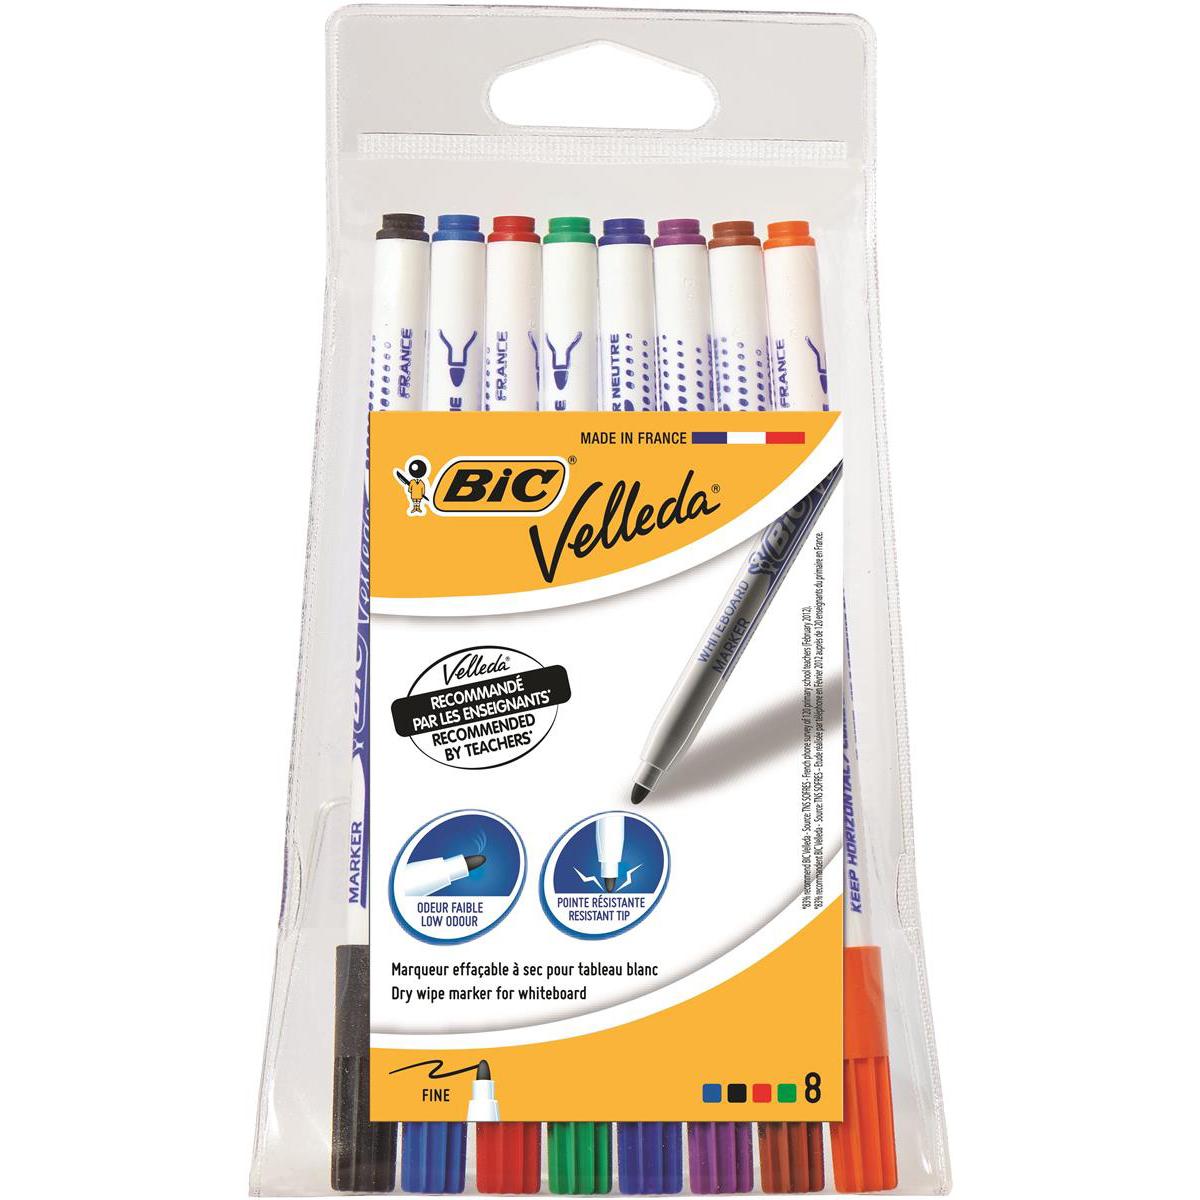 Bic Velleda Marker Whiteboard Dry-wipe 1721 Fine Bullet Tip 1.5mm Line Assorted Ref 1199005728 Pack 8